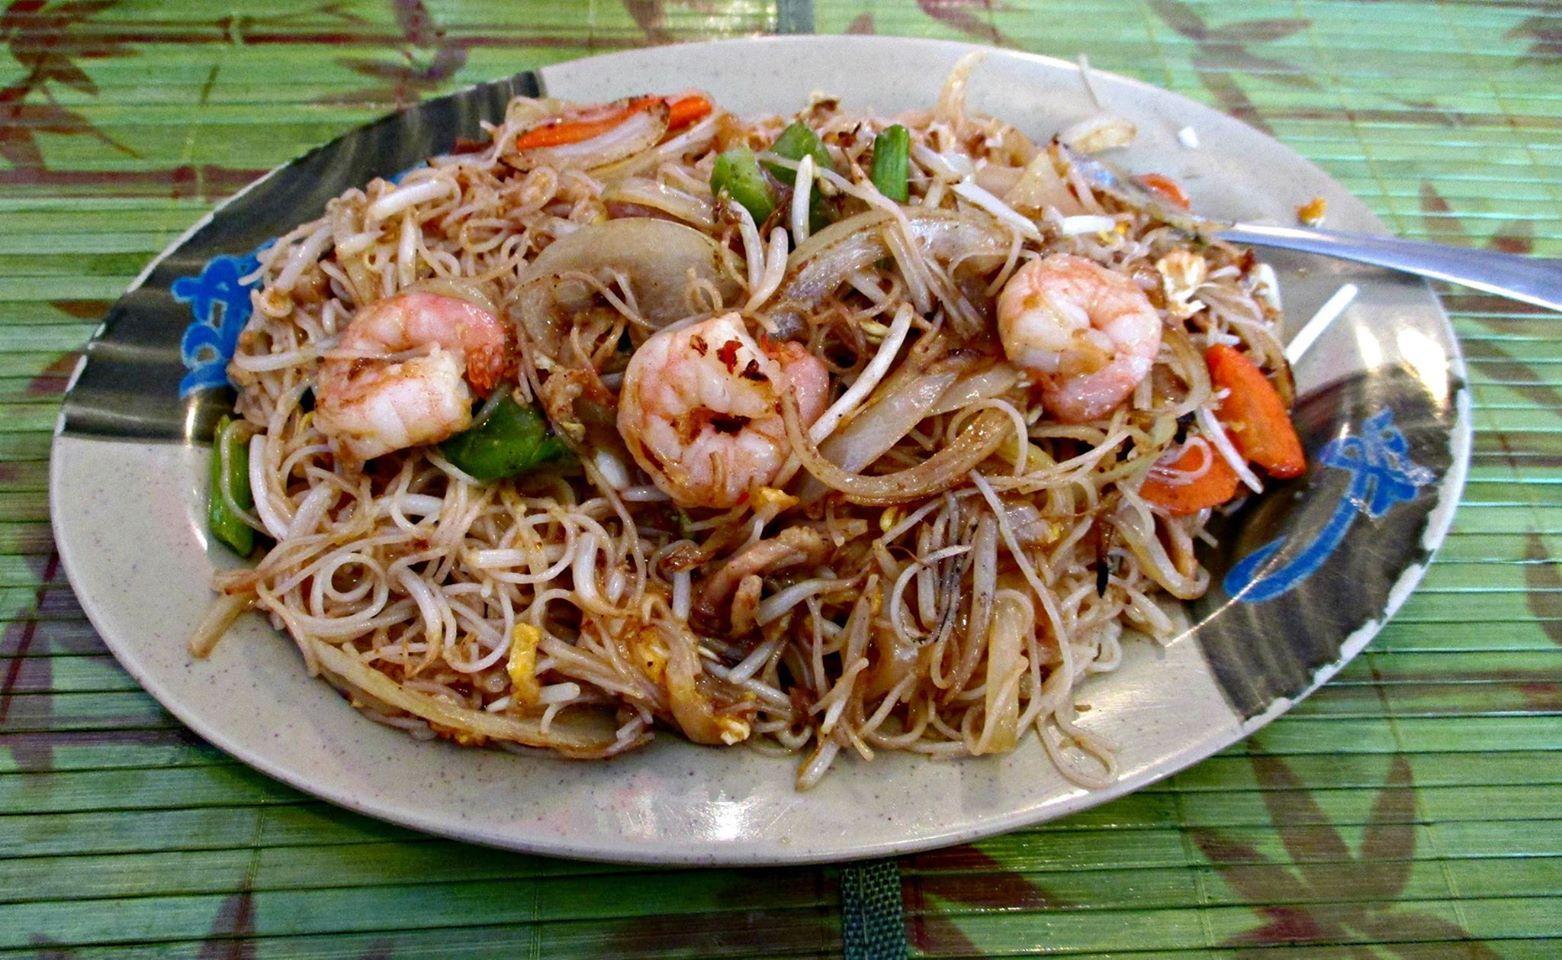 chinese food mesa az 85206